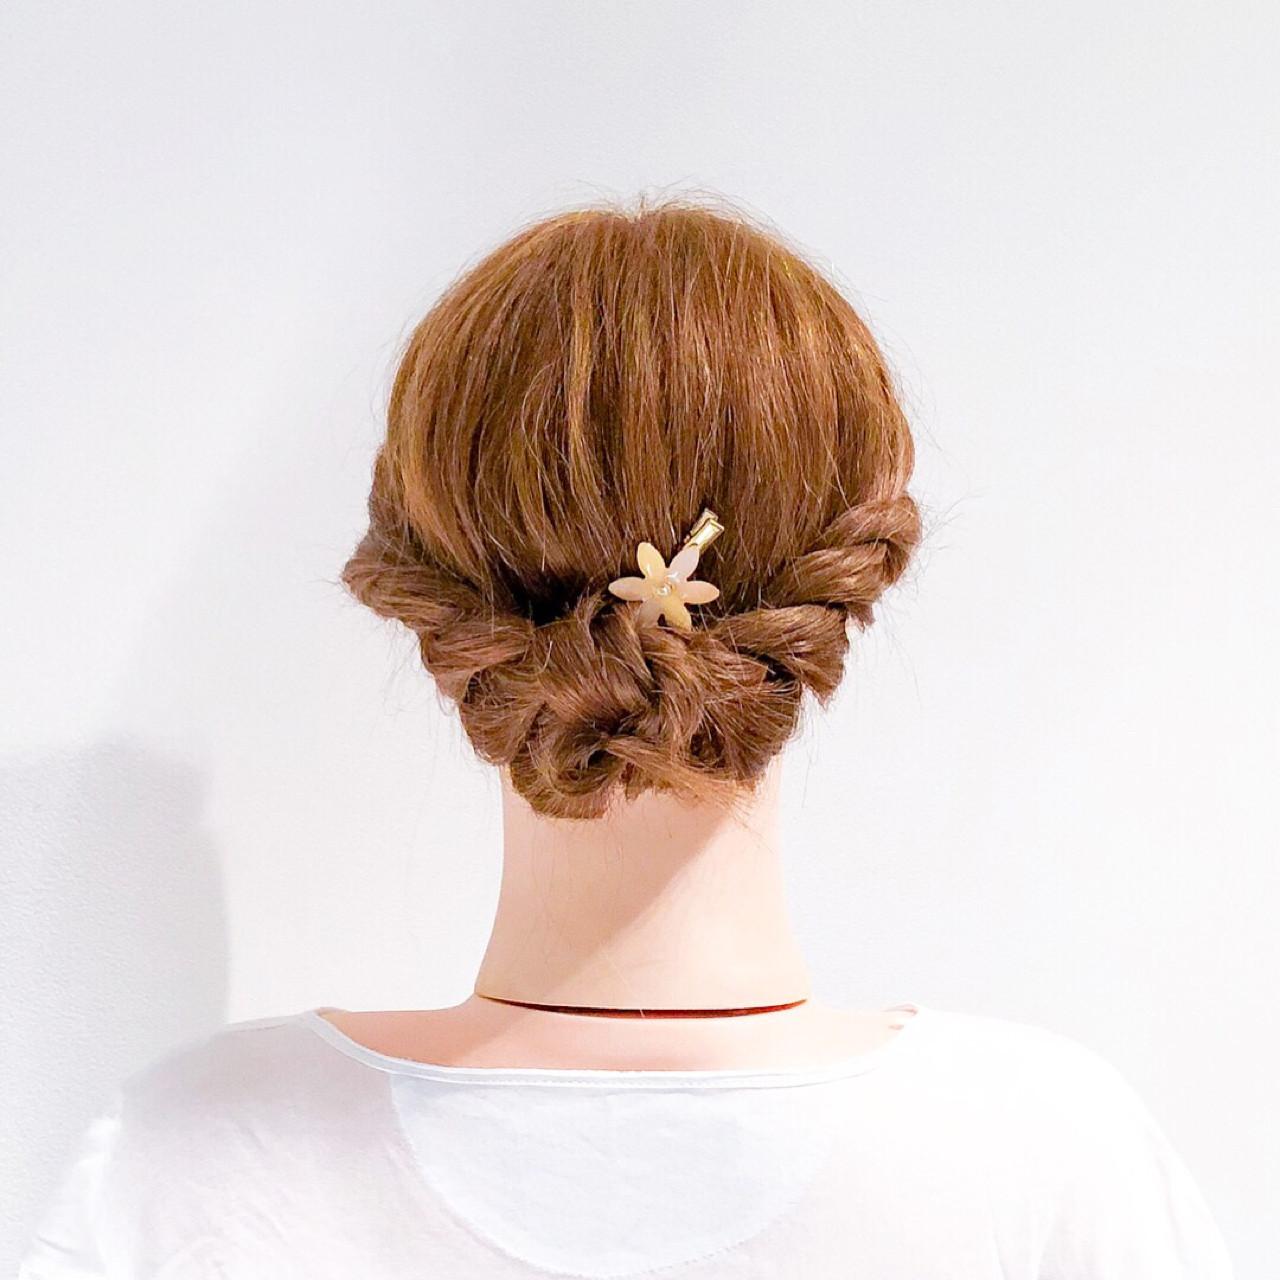 ロング 簡単ヘアアレンジ ロープ編み ミディアム ヘアスタイルや髪型の写真・画像